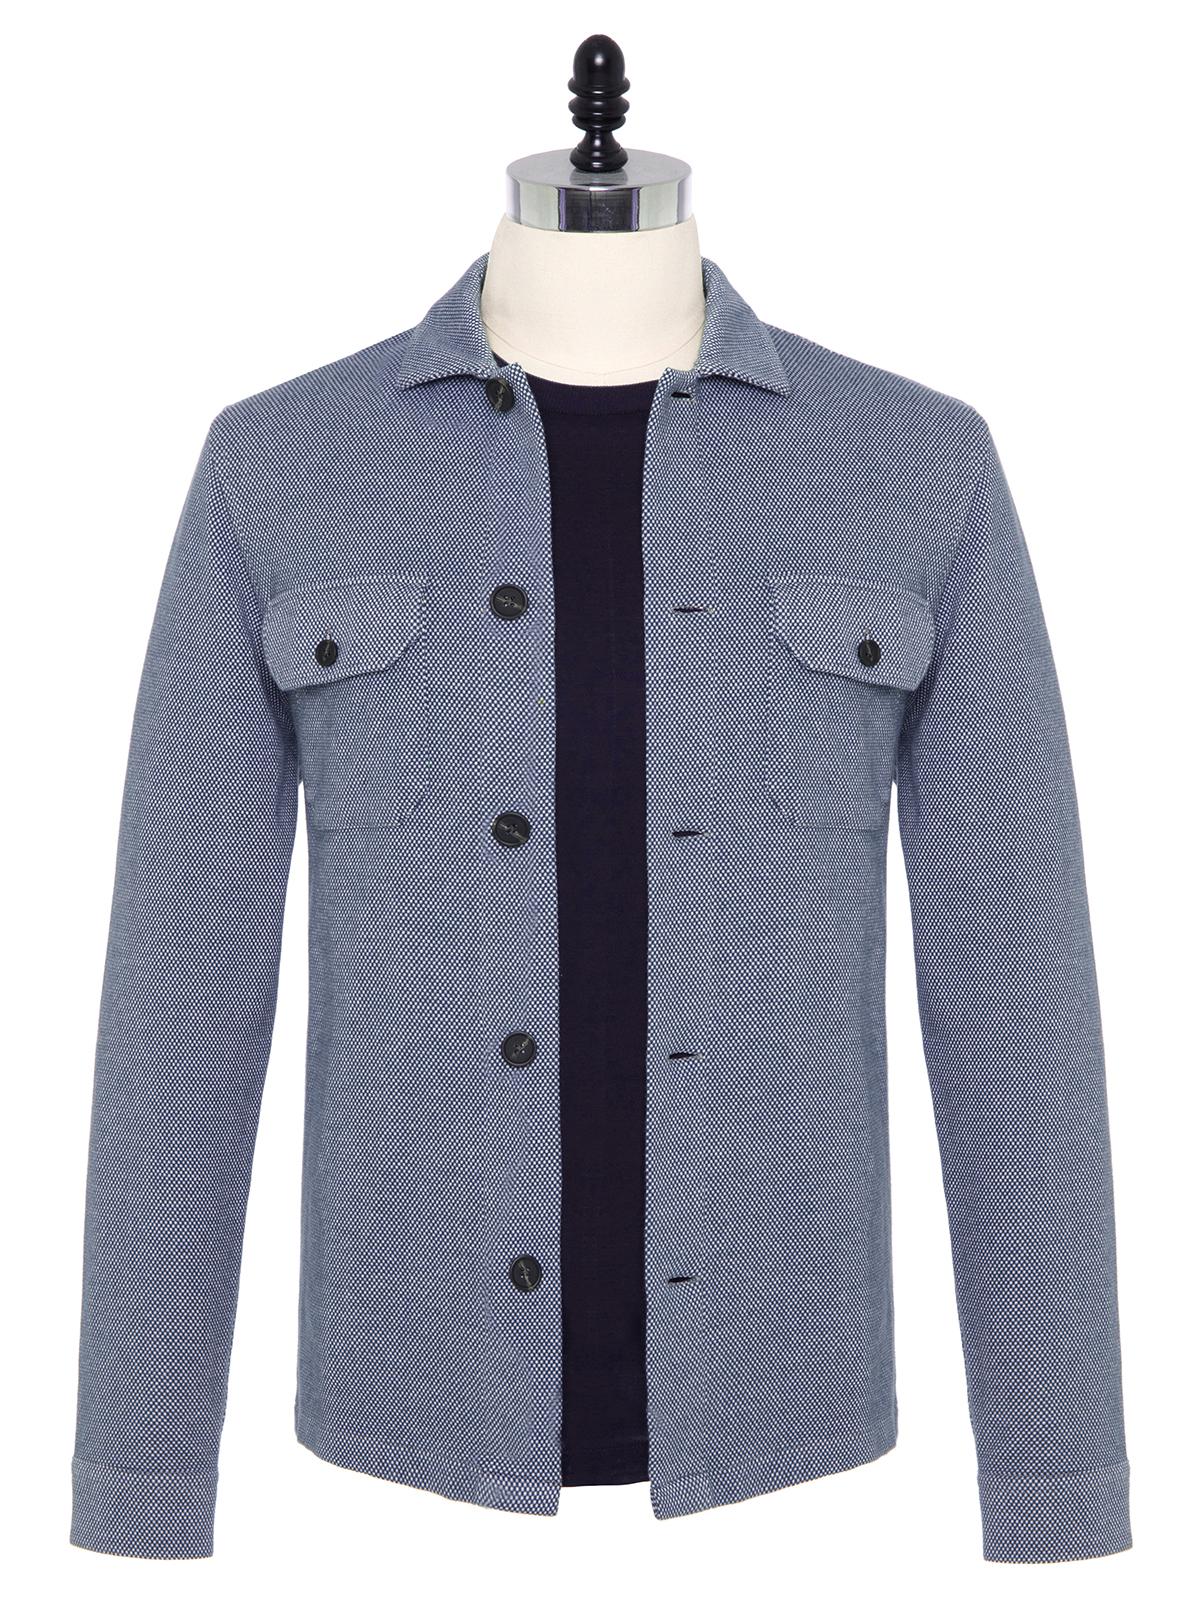 Germirli - Germirli Mavi Beyaz Dokulu Örme Tailor Fit Ceket Gömlek